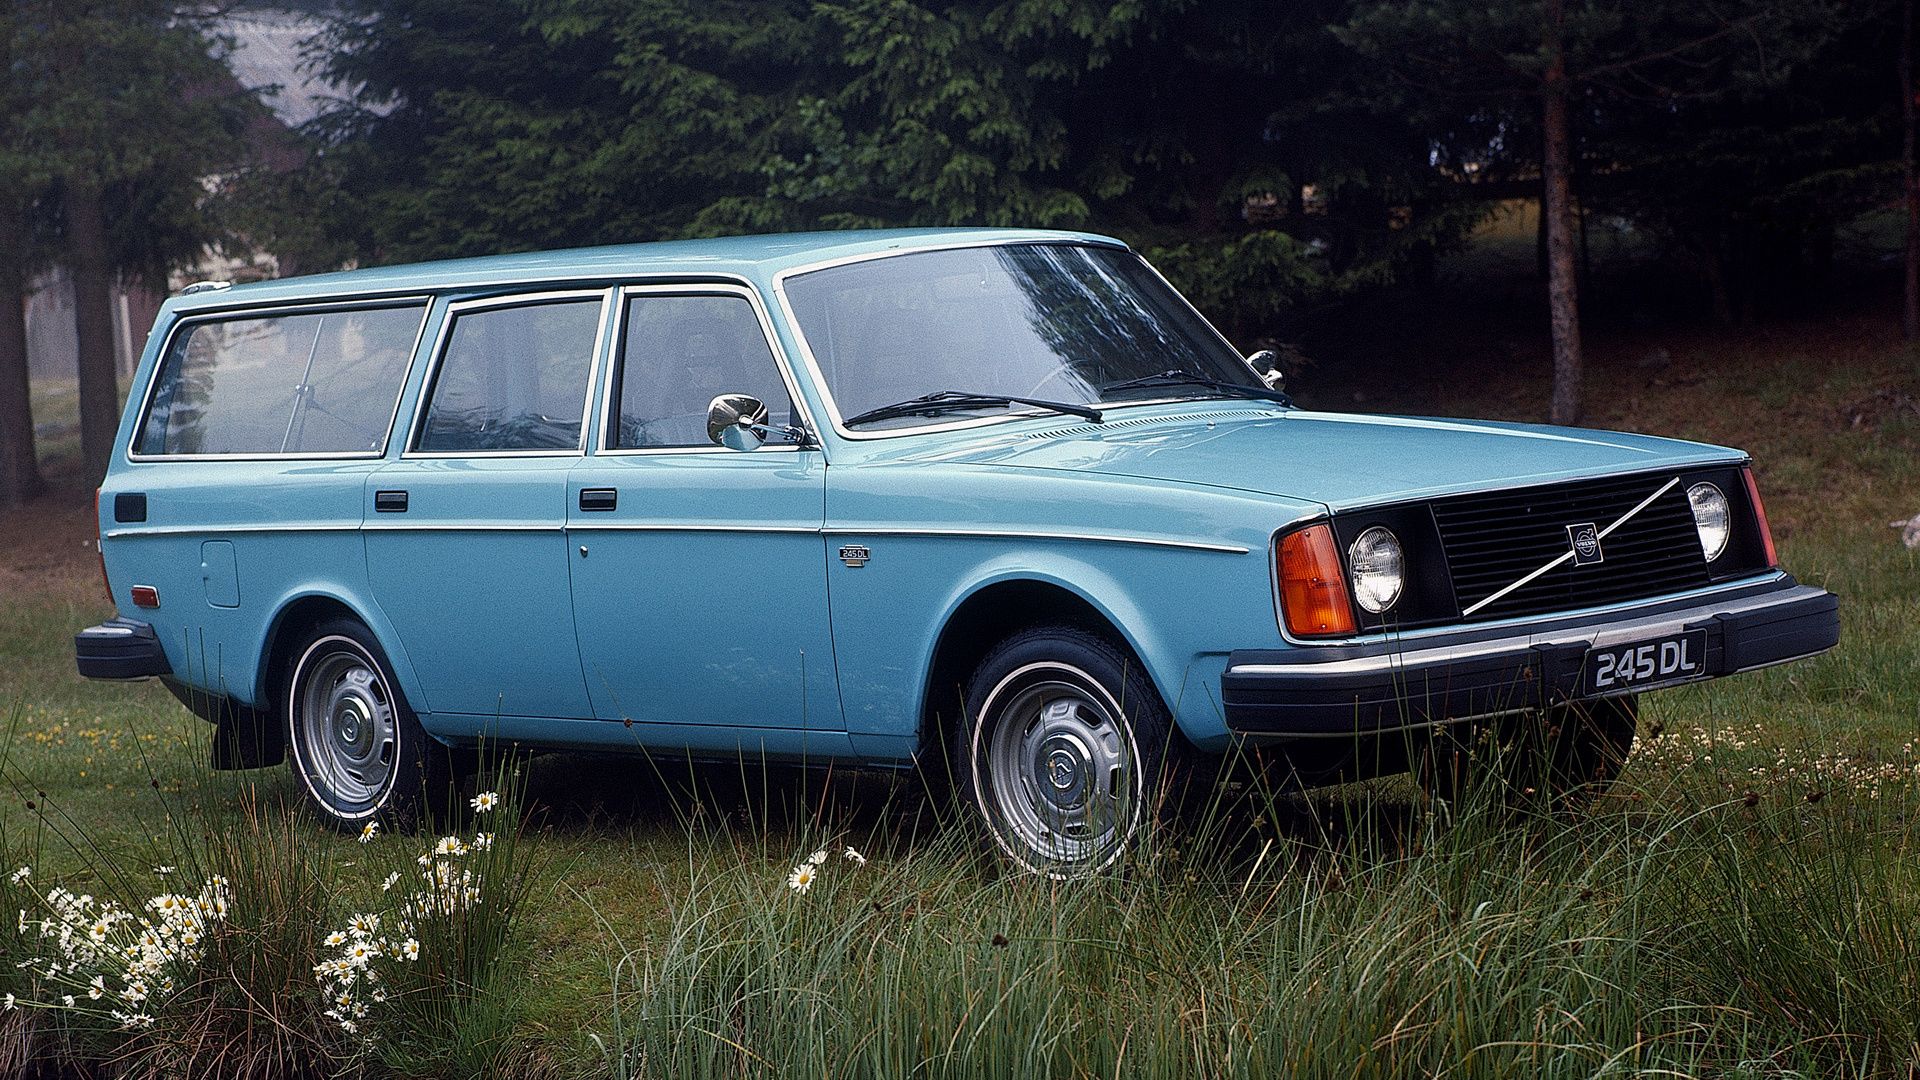 1975 Volvo 245 Dl Us Fond Décran Hd Arrière Plan 1920x1080